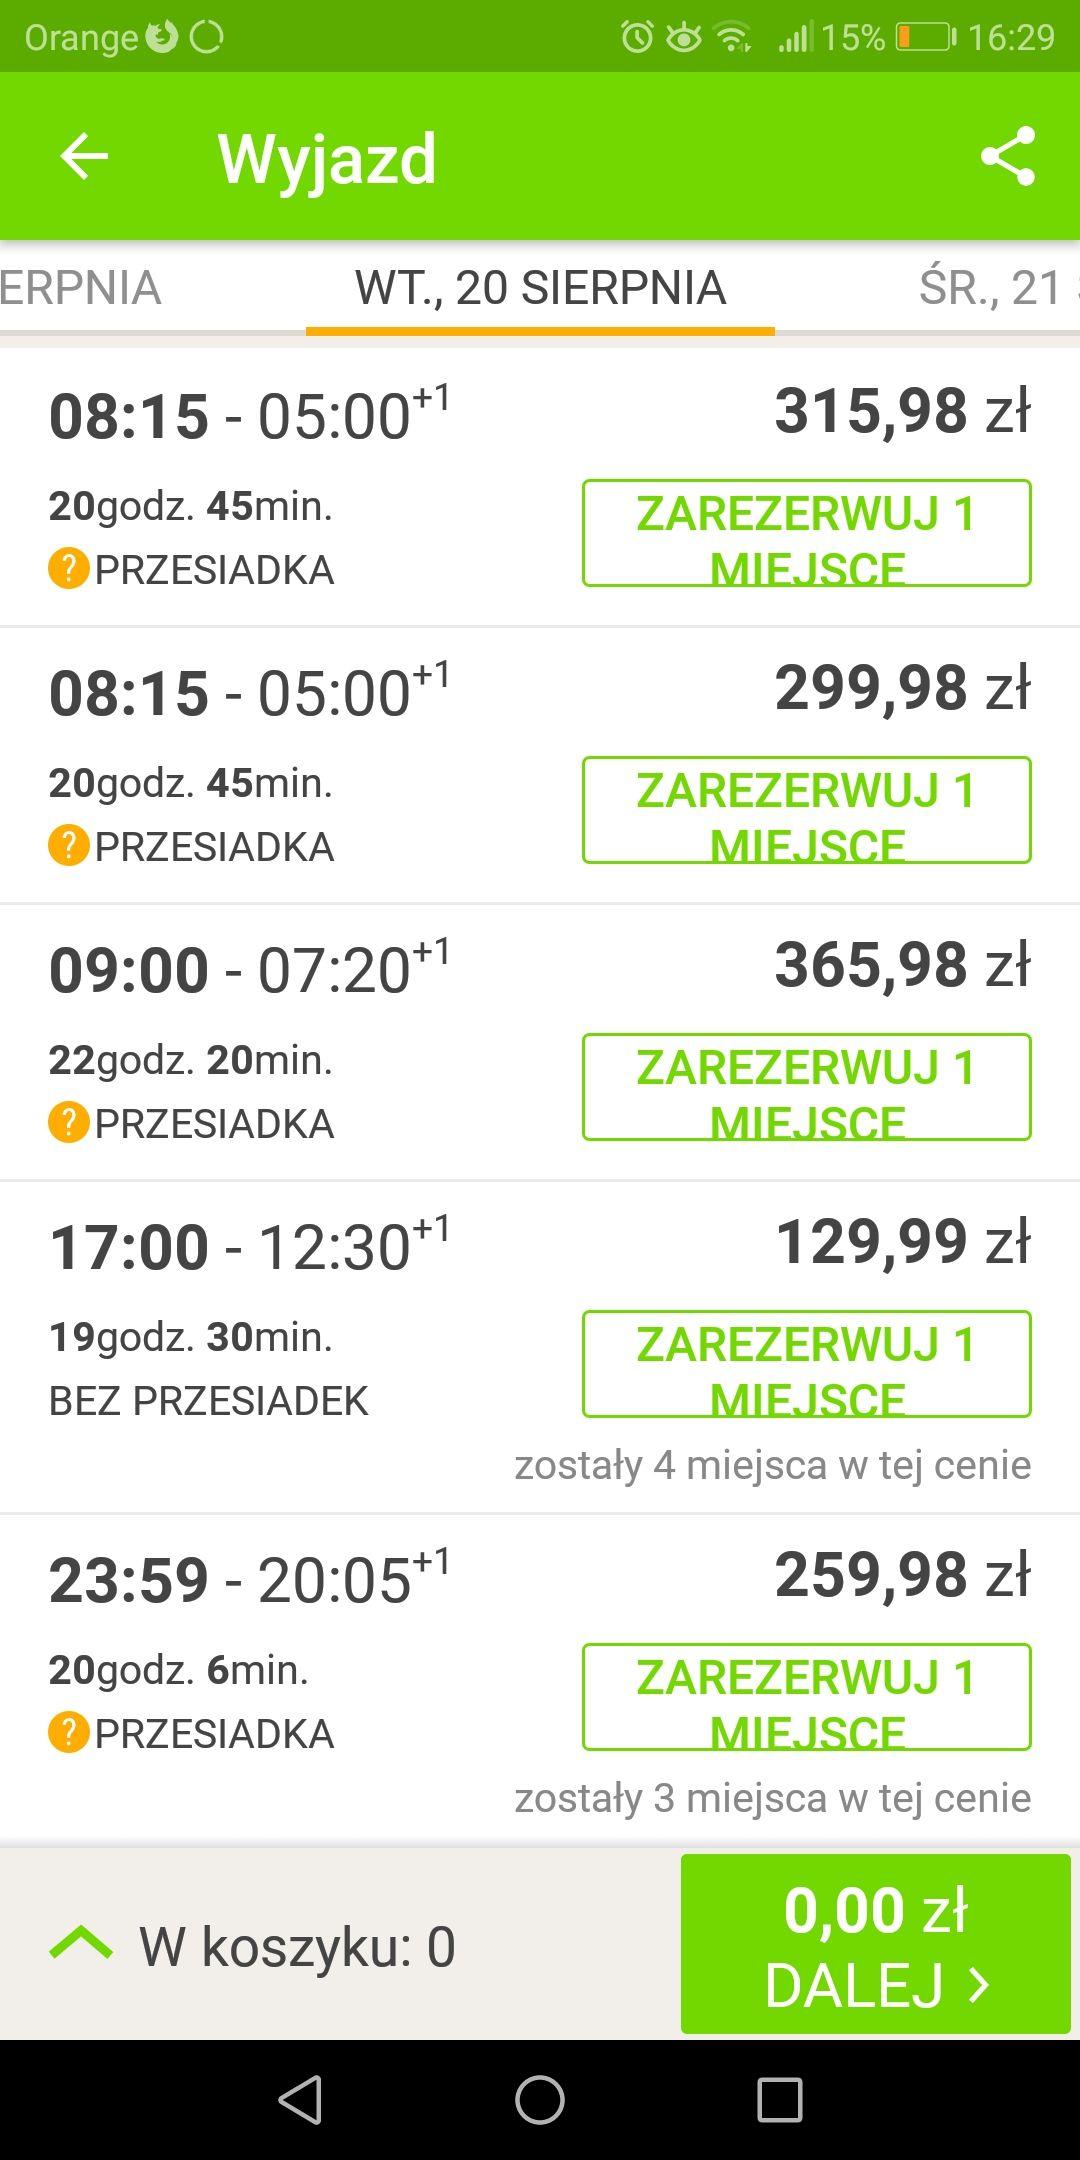 Wakacyjne przejazdy do Chorwacji Flixbus